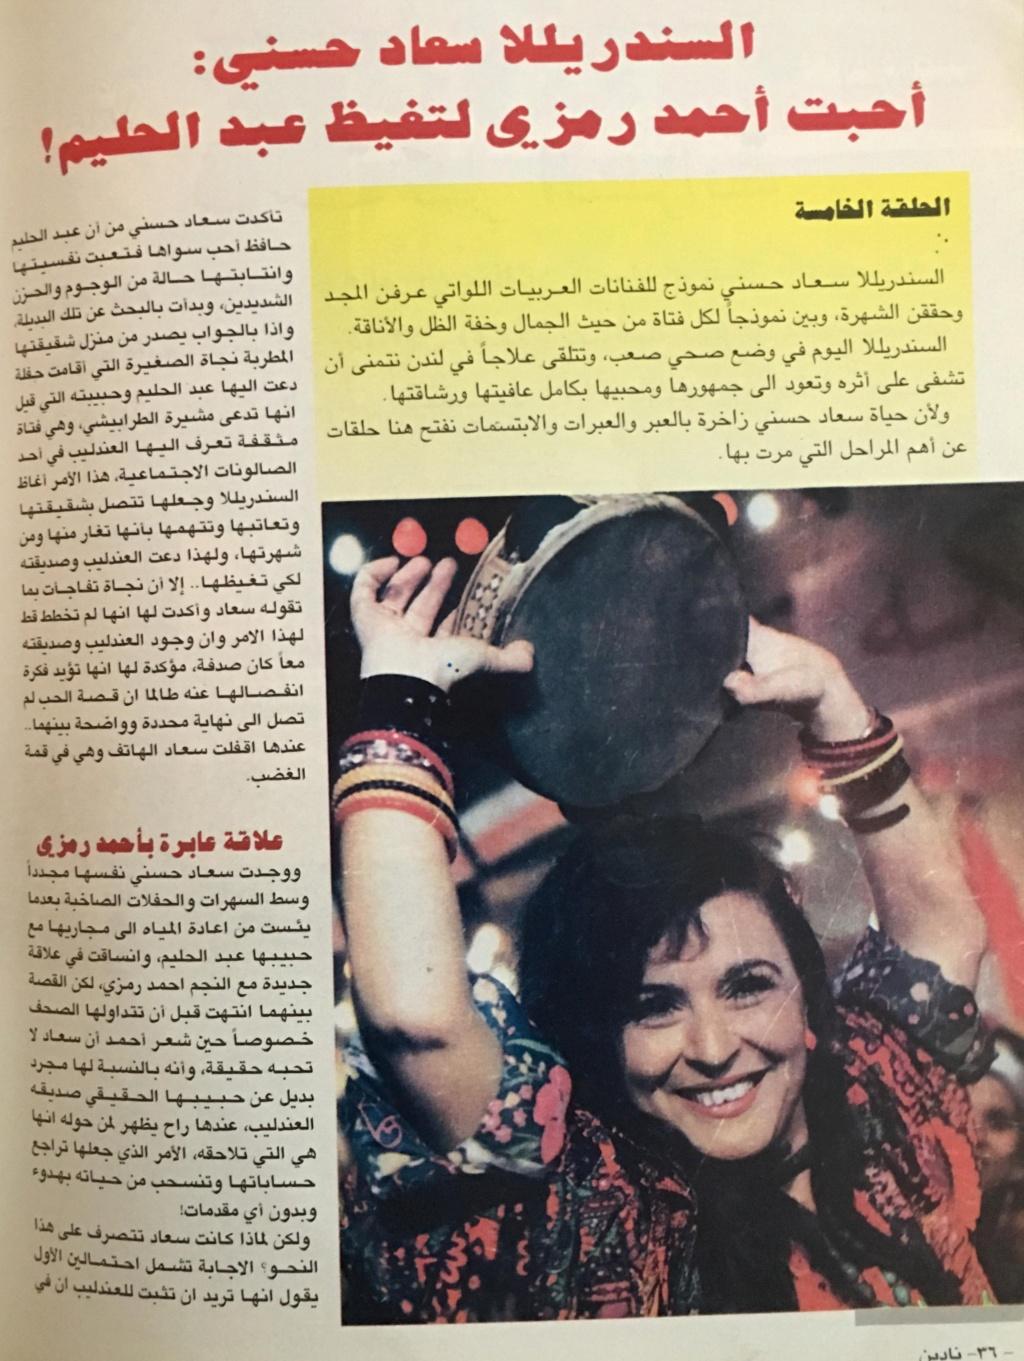 صحفي - مقال صحفي : السندريلا سعاد حسني .. أحبت أحمد رمزي لتغيظ عبدالحليم ! 1996 م (؟) 144